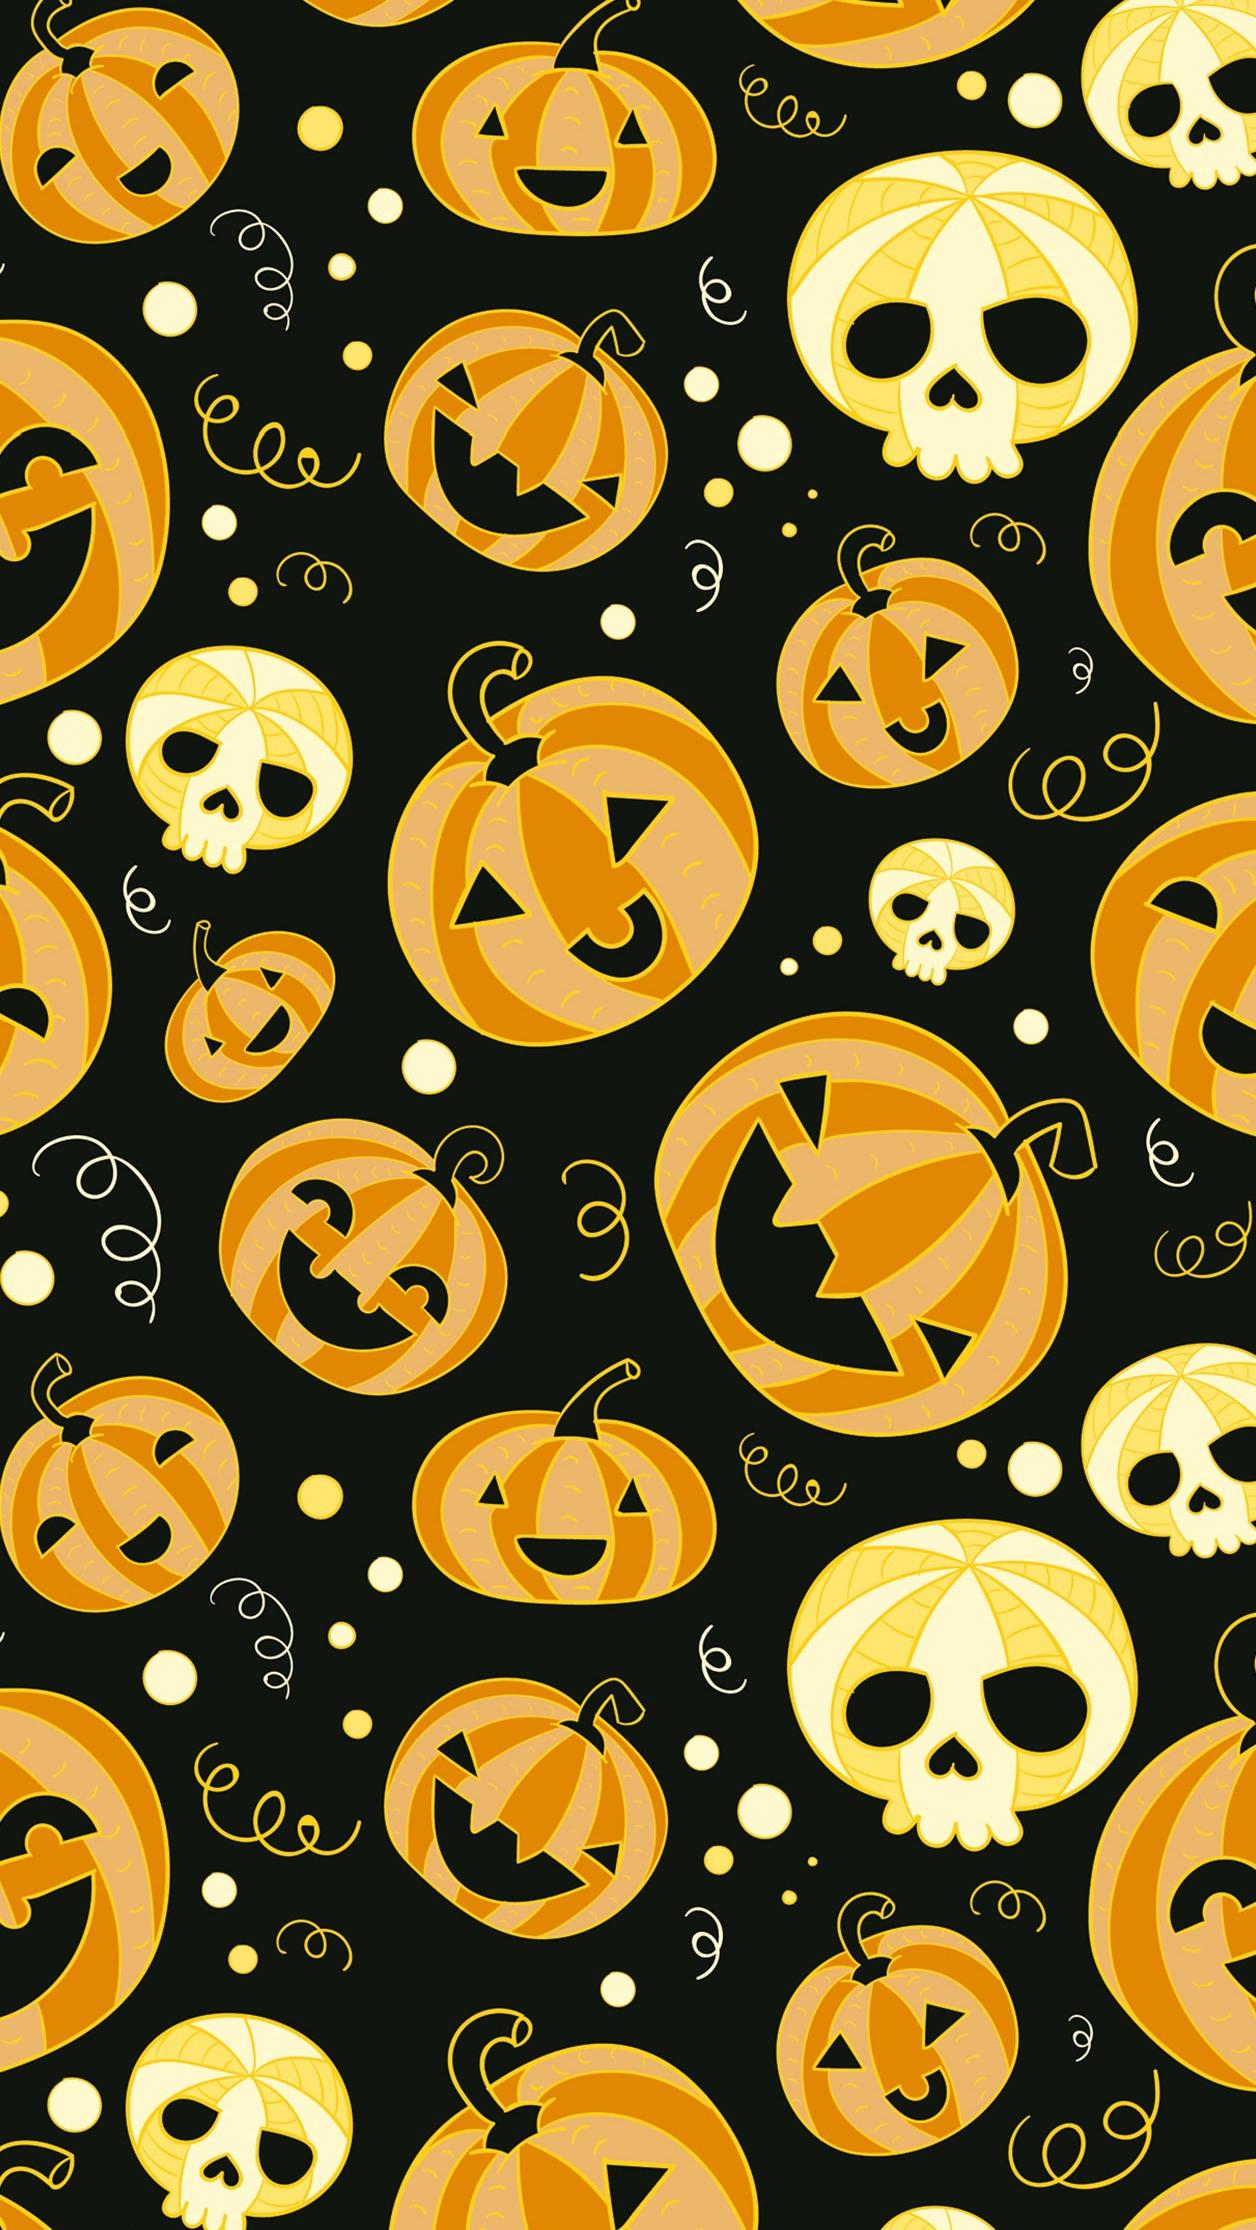 Halloween-Funny-Pumpkins-iPhone-Wallpaper - iPhone Wallpapers